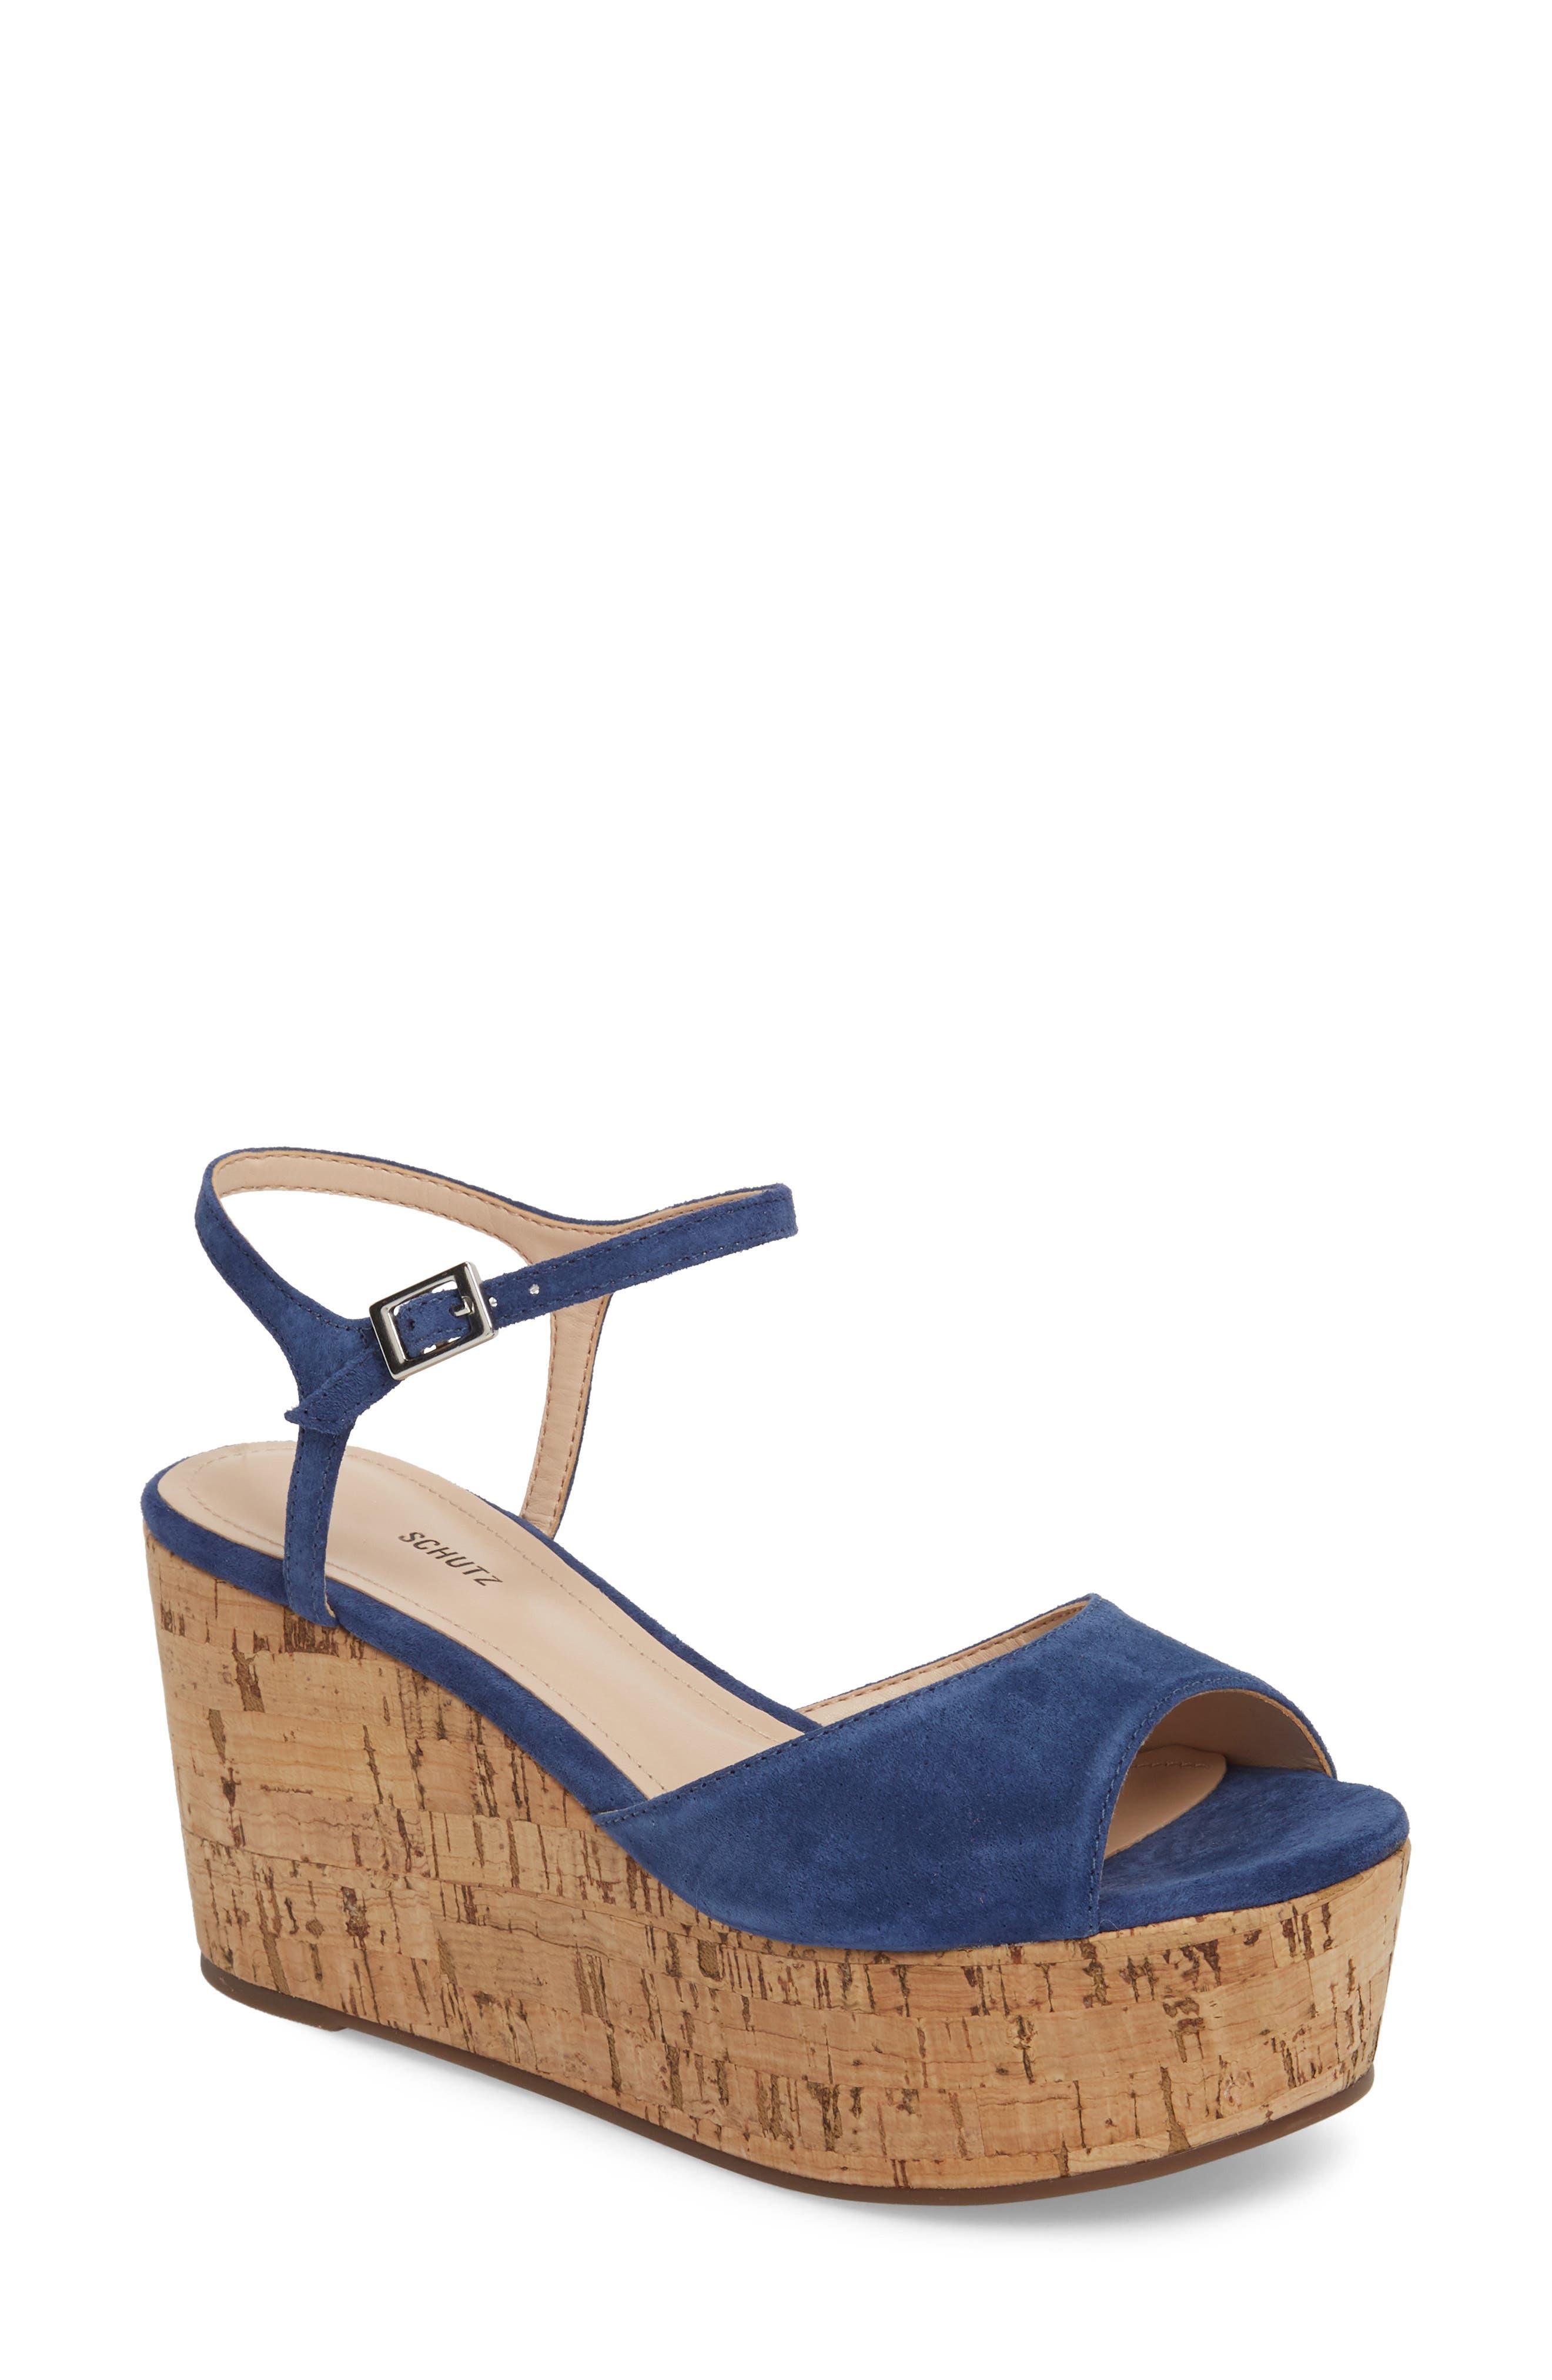 Heloise Platform Wedge Sandal,                         Main,                         color, Dress Blue